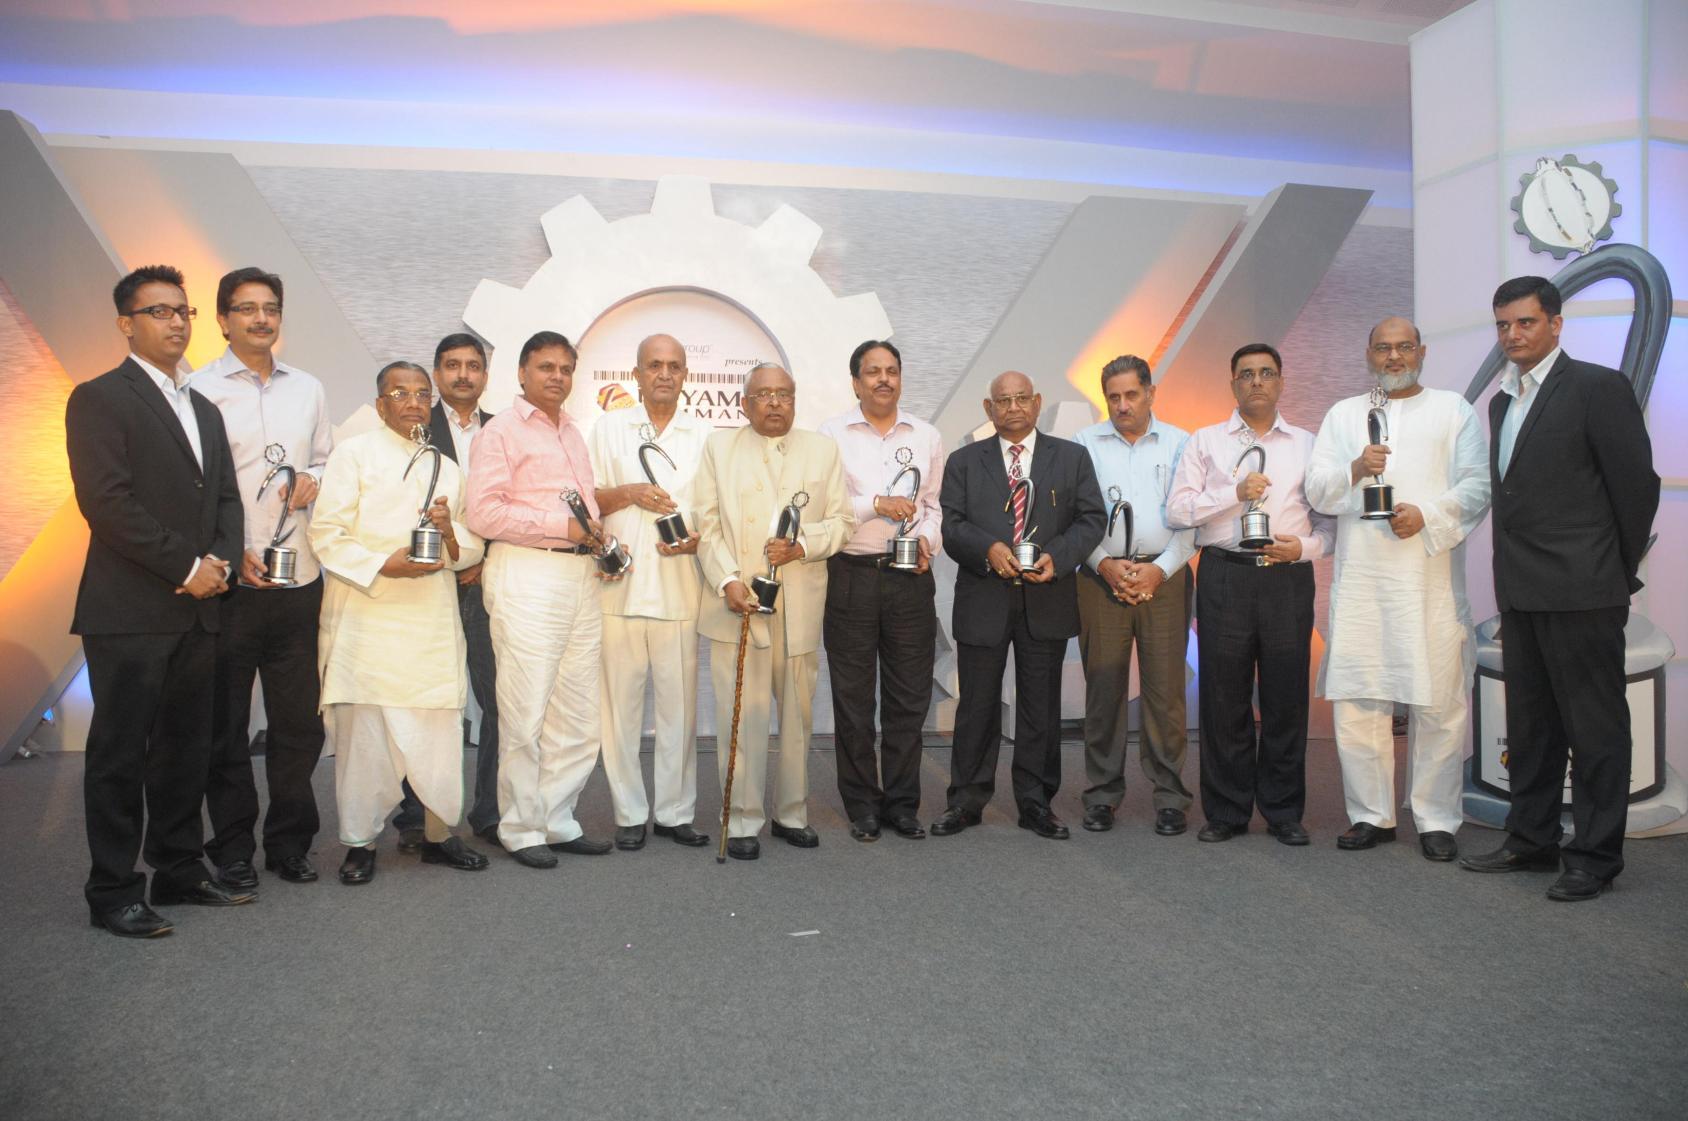 Zee News UP honor 'The Spirit of Entrepreneurship'